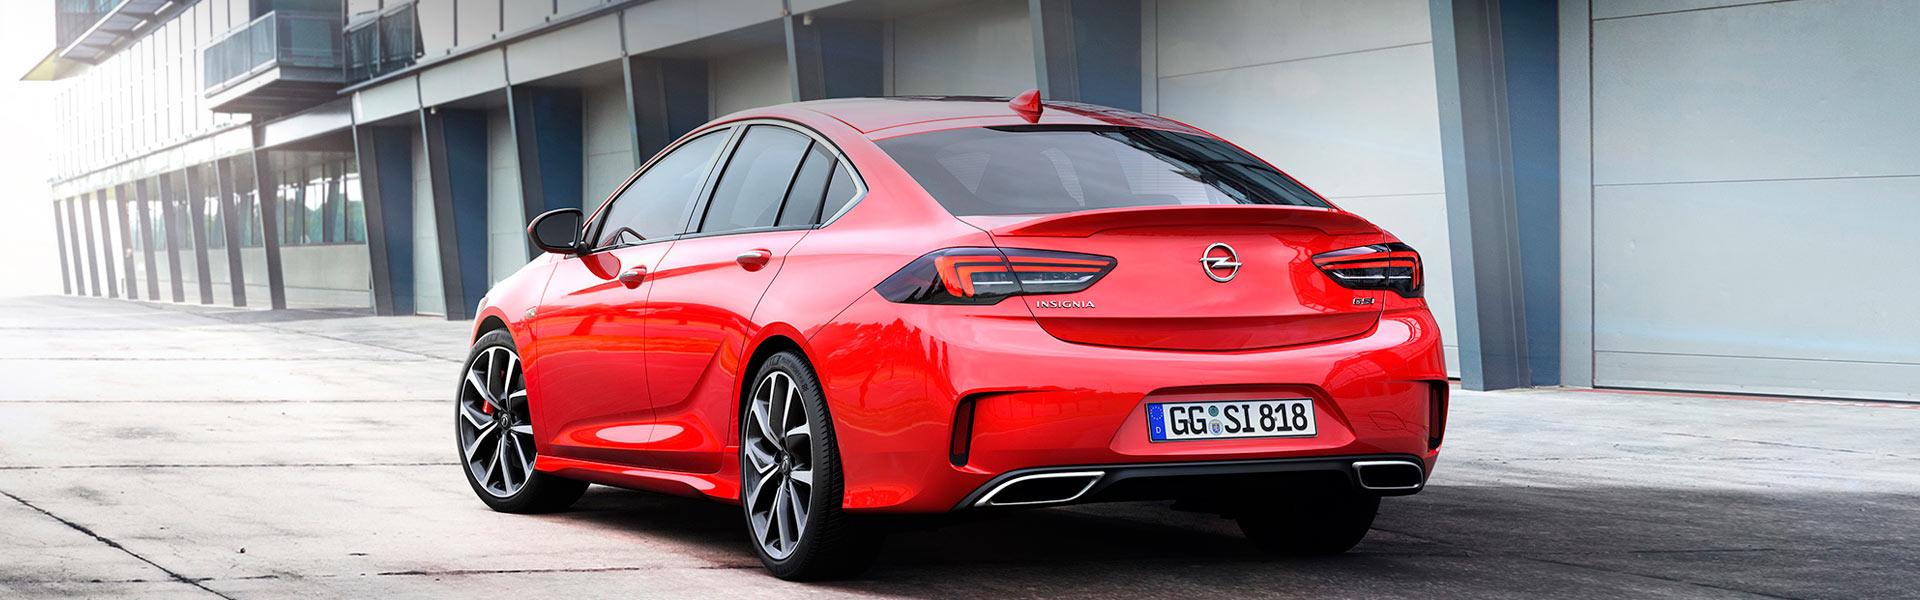 Сервис и ремонт Opel